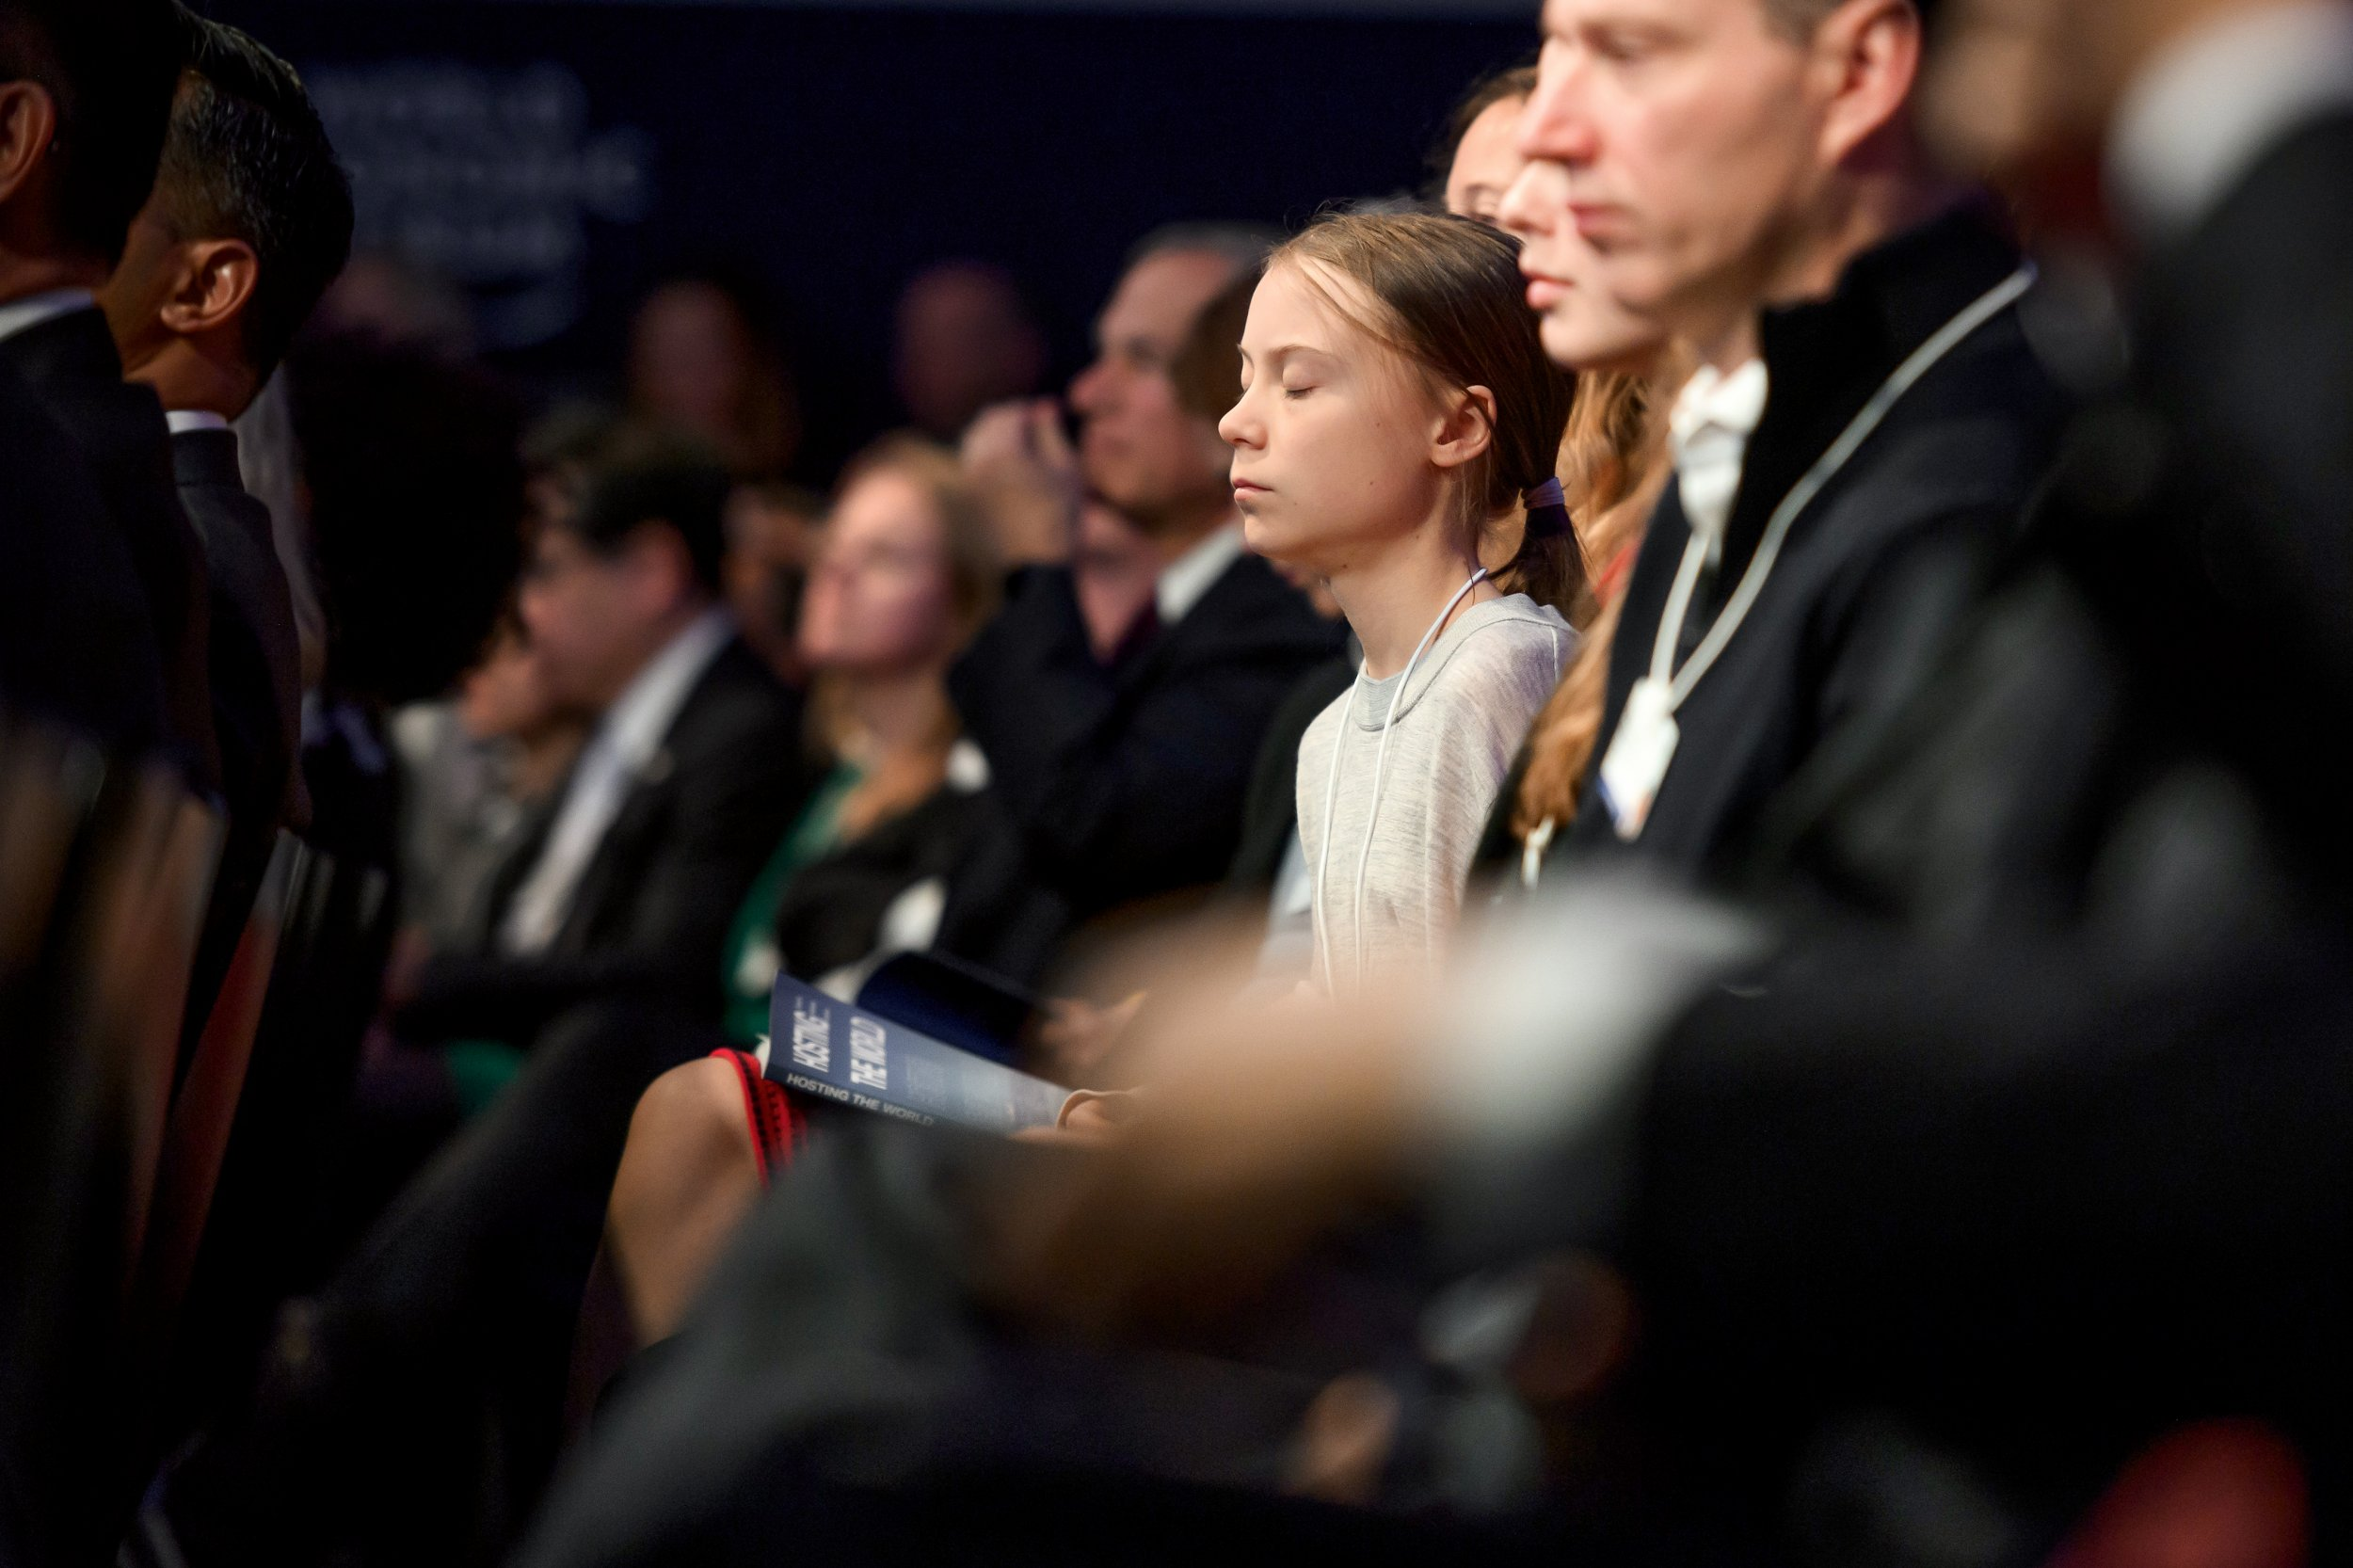 INNEHALTEN Während der US-Präsident seine Rede vor den Vereinten Nationen hält, schließt die Klimaaktivistin für einen Moment ihre Augen